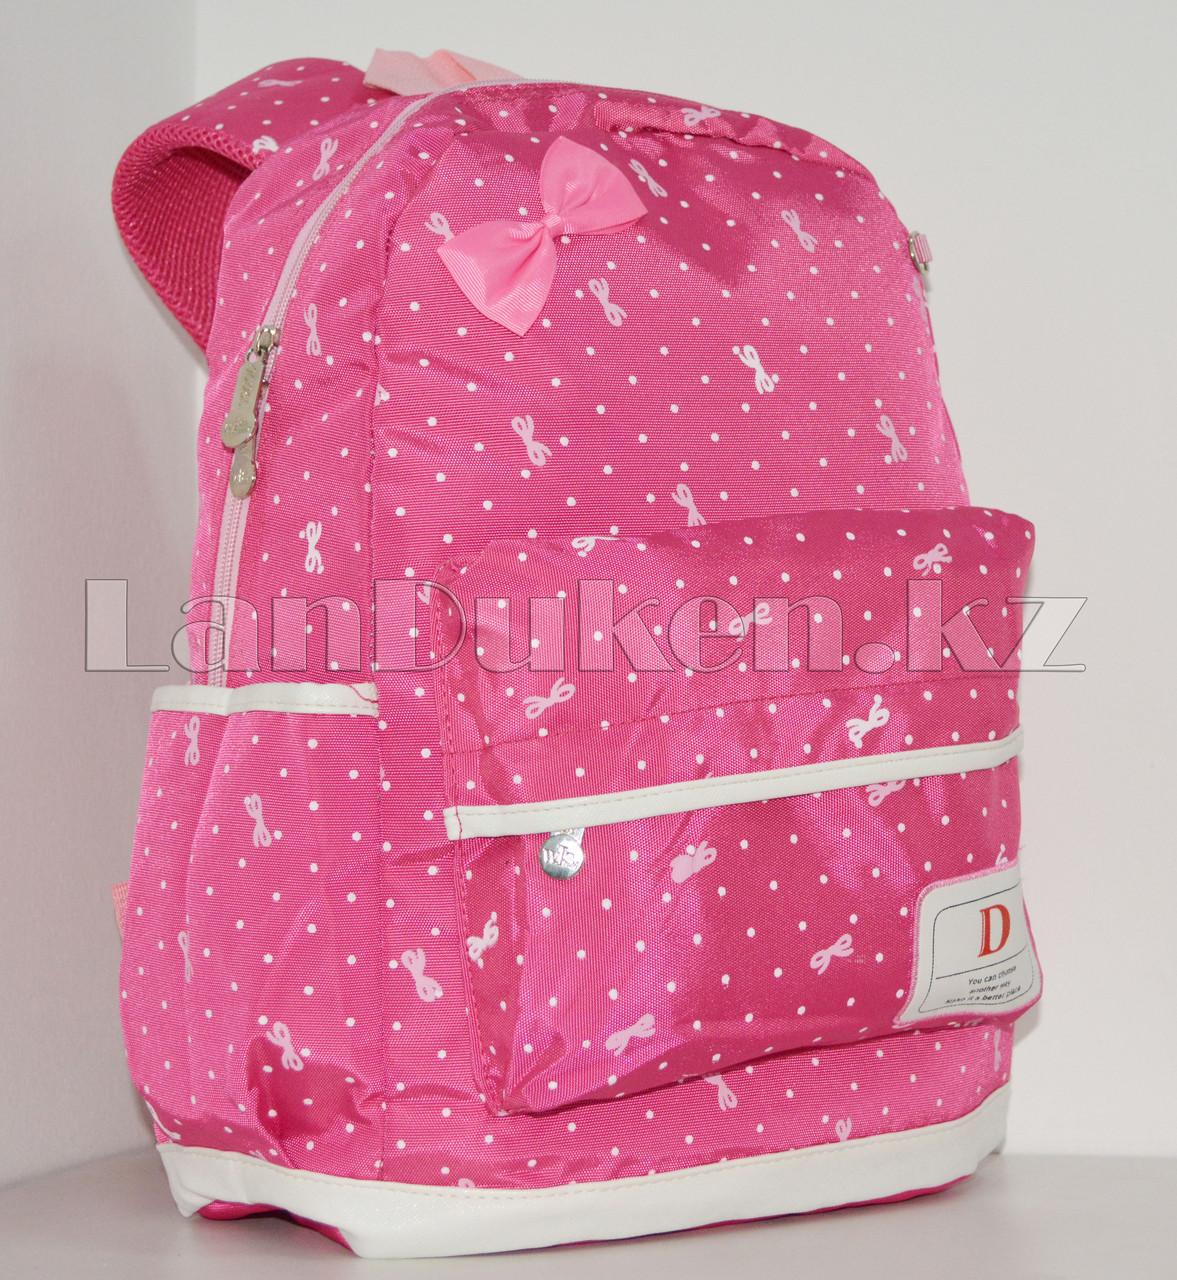 Рюкзак для начальных классов, для школьниц 3 в 1 (розовый) - фото 2